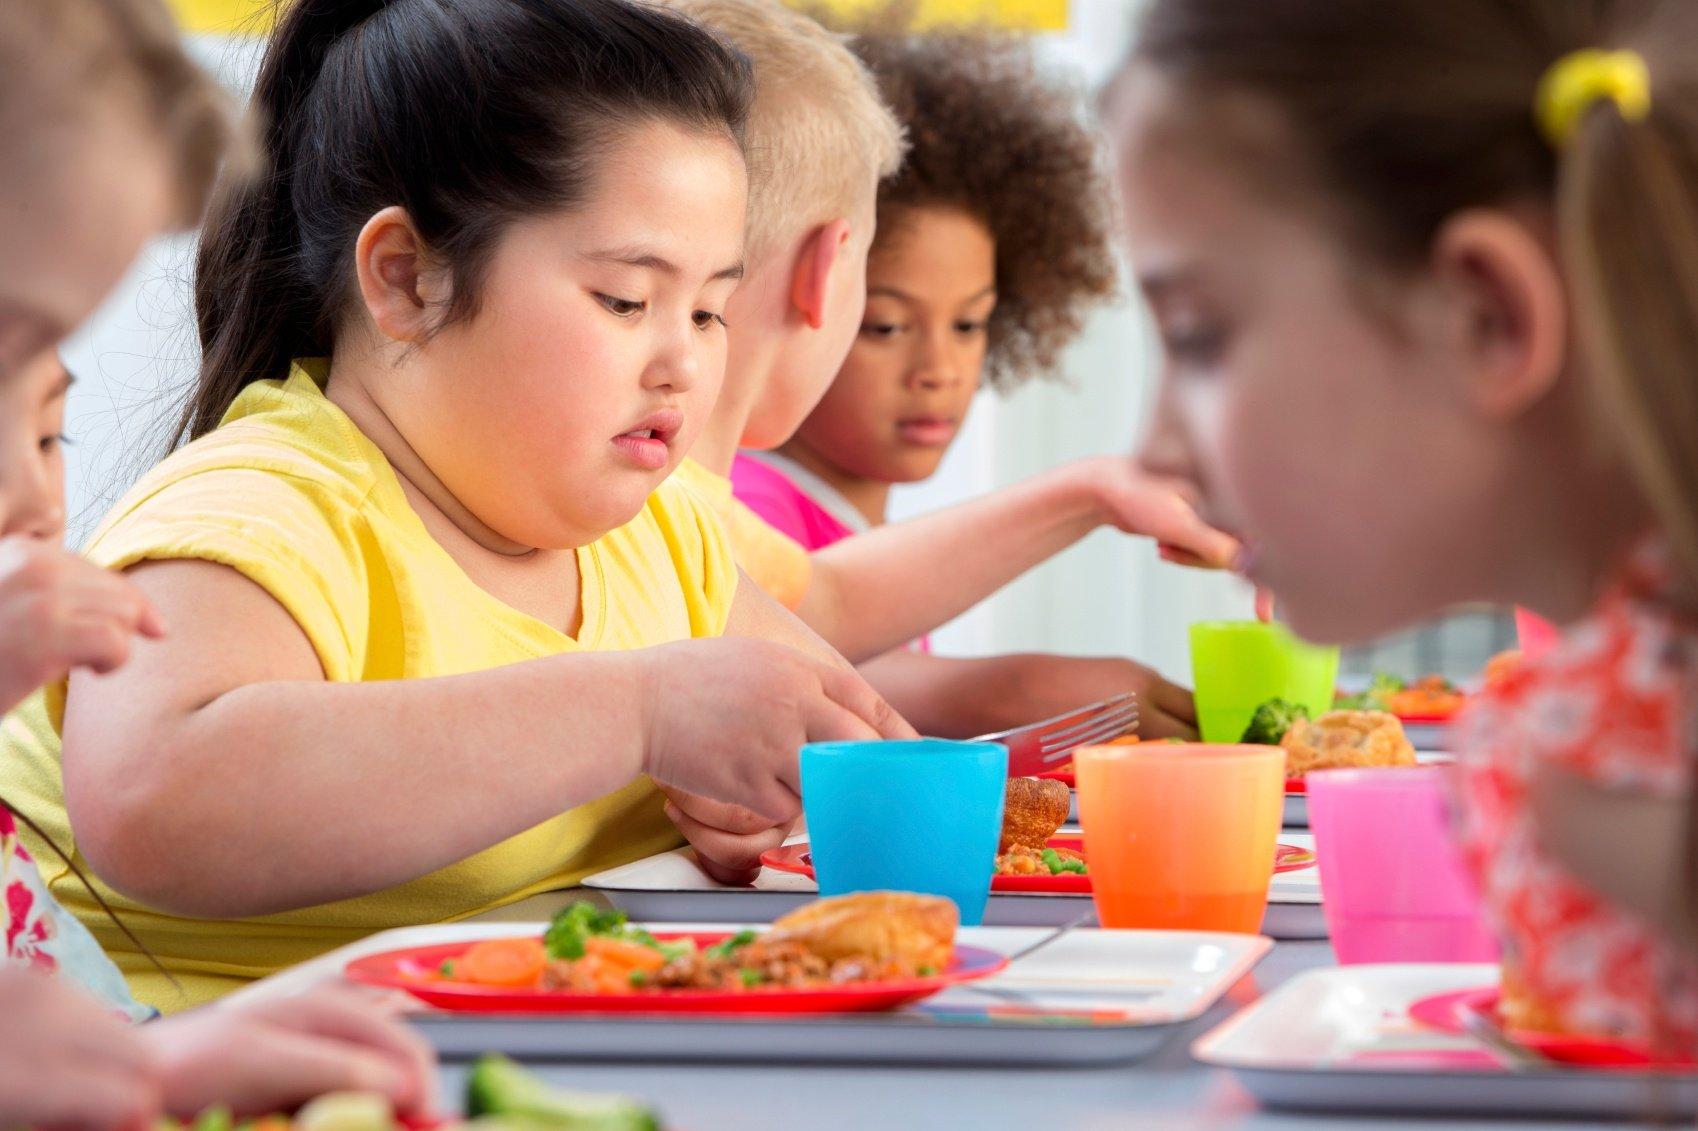 Figli obesi? La colpa è delle mamme che non li vedono grassi